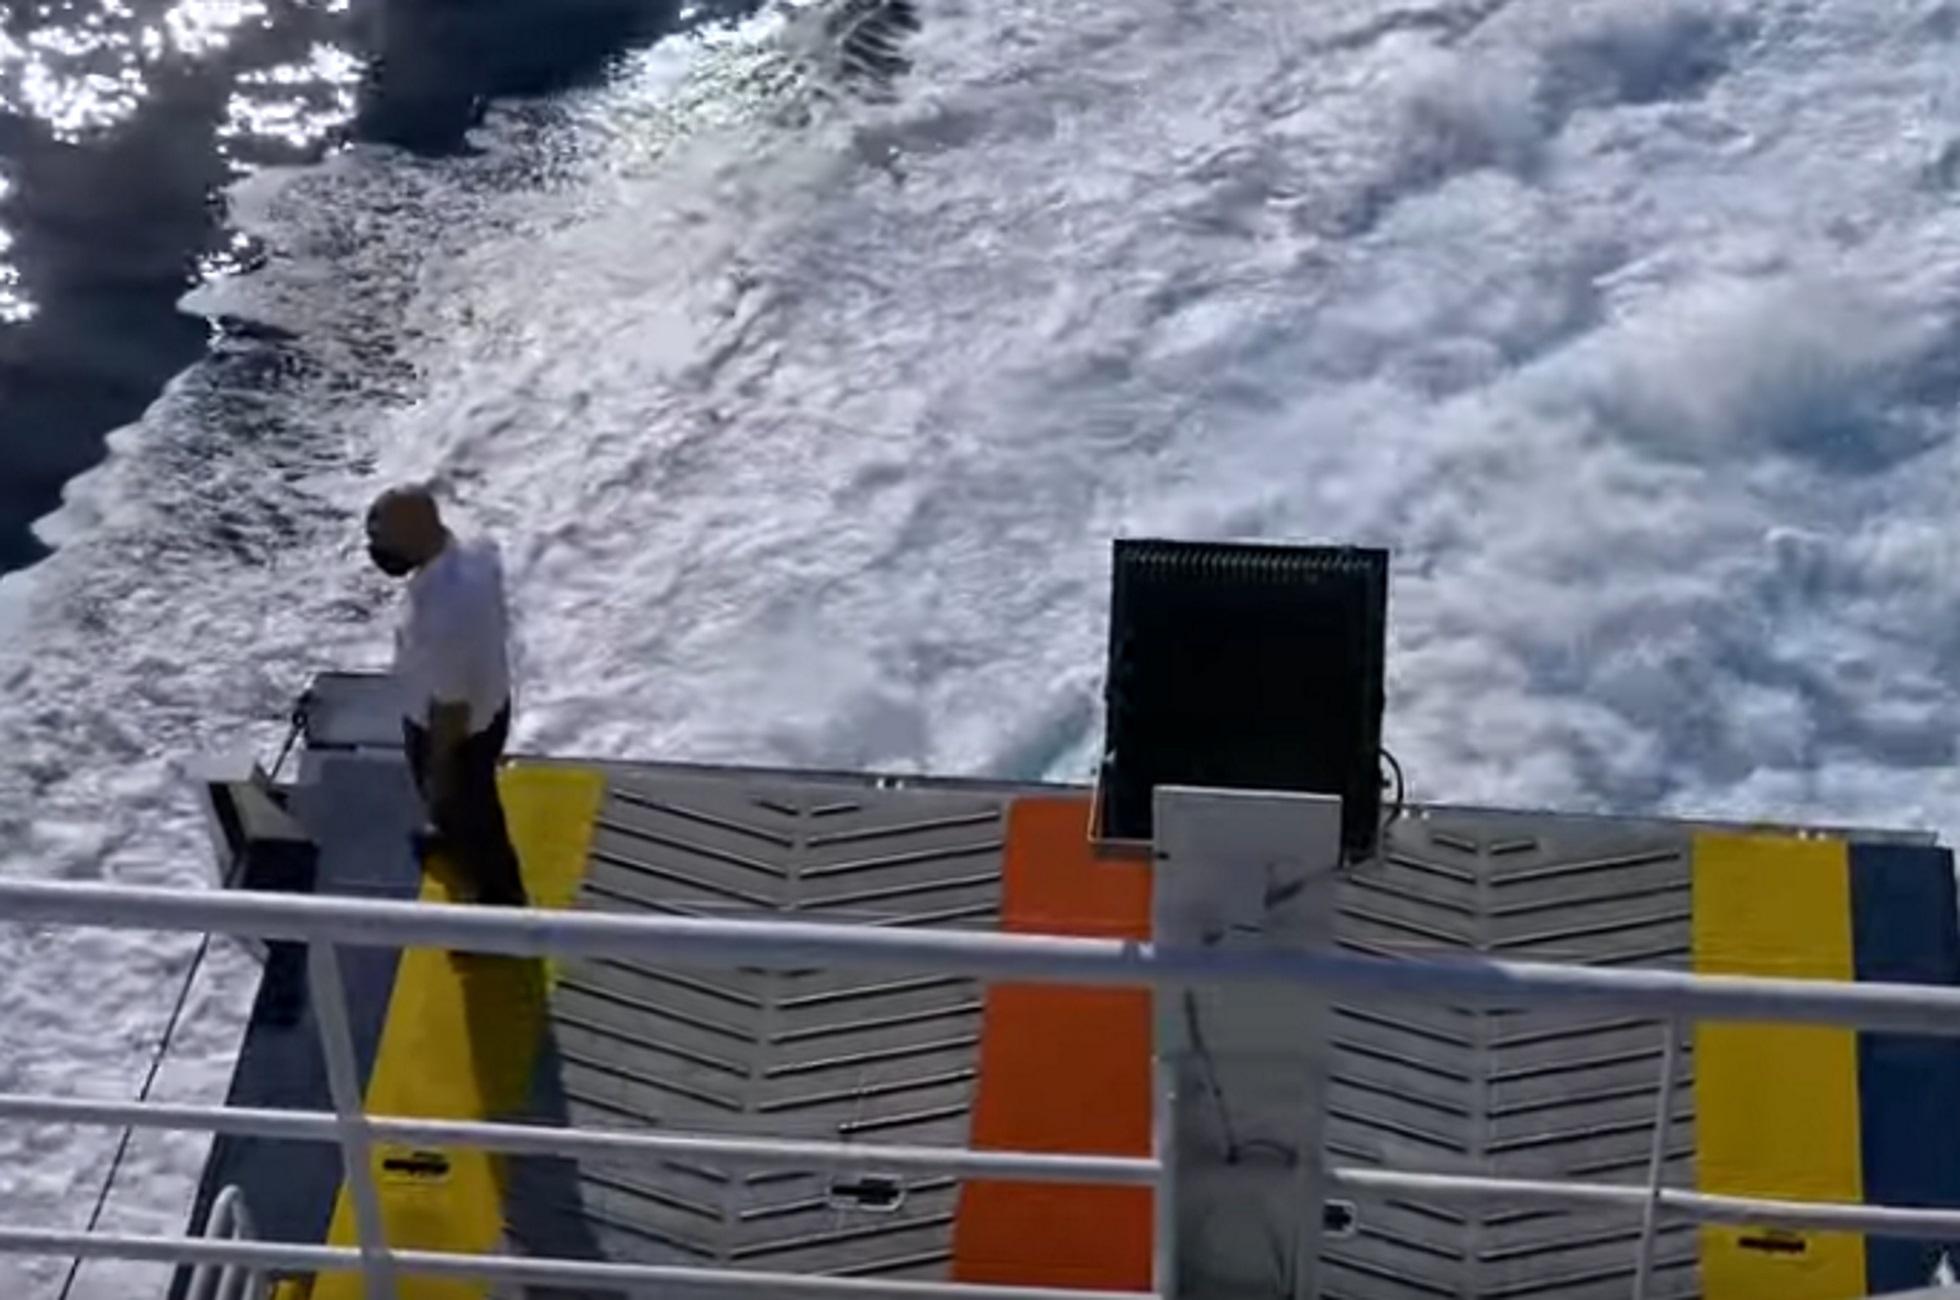 Σέριφος: Βίντεο με τη στιγμή που το πλοίο Speedrunner III περνάει ξυστά από τον ντόκο του λιμανιού